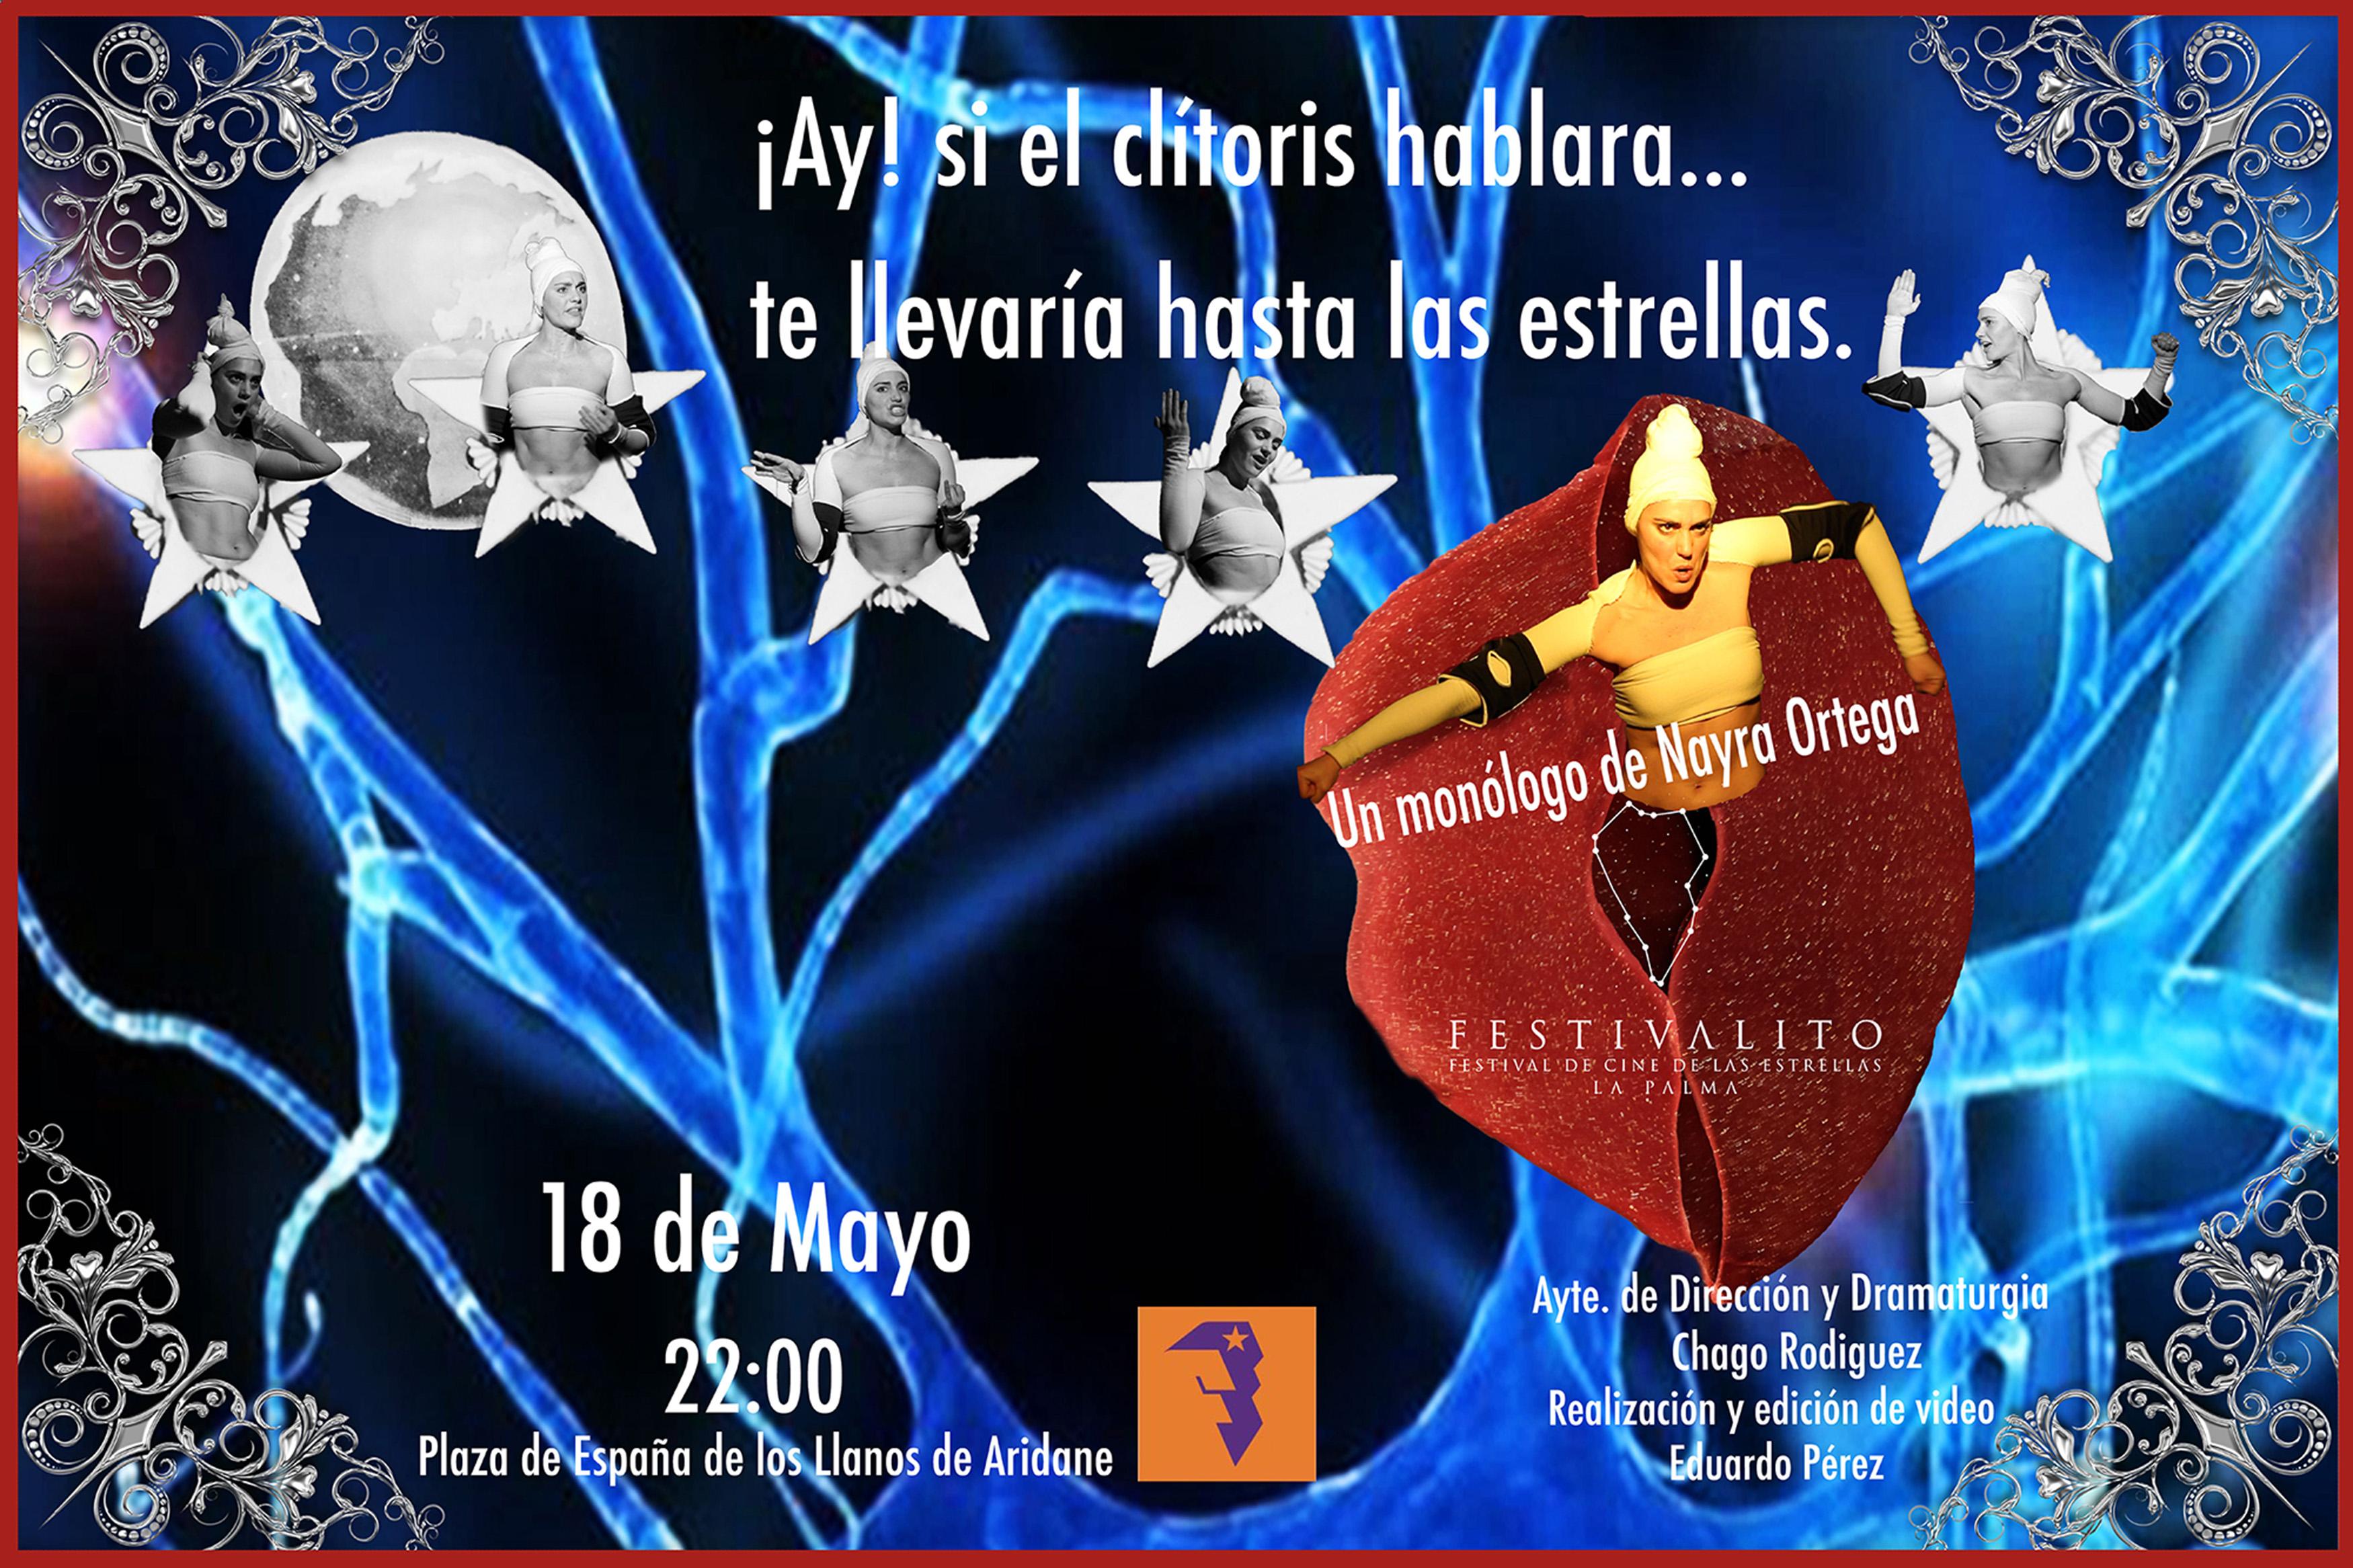 Festivalito_cartel Ay-si-el-clitoris-hablara_B